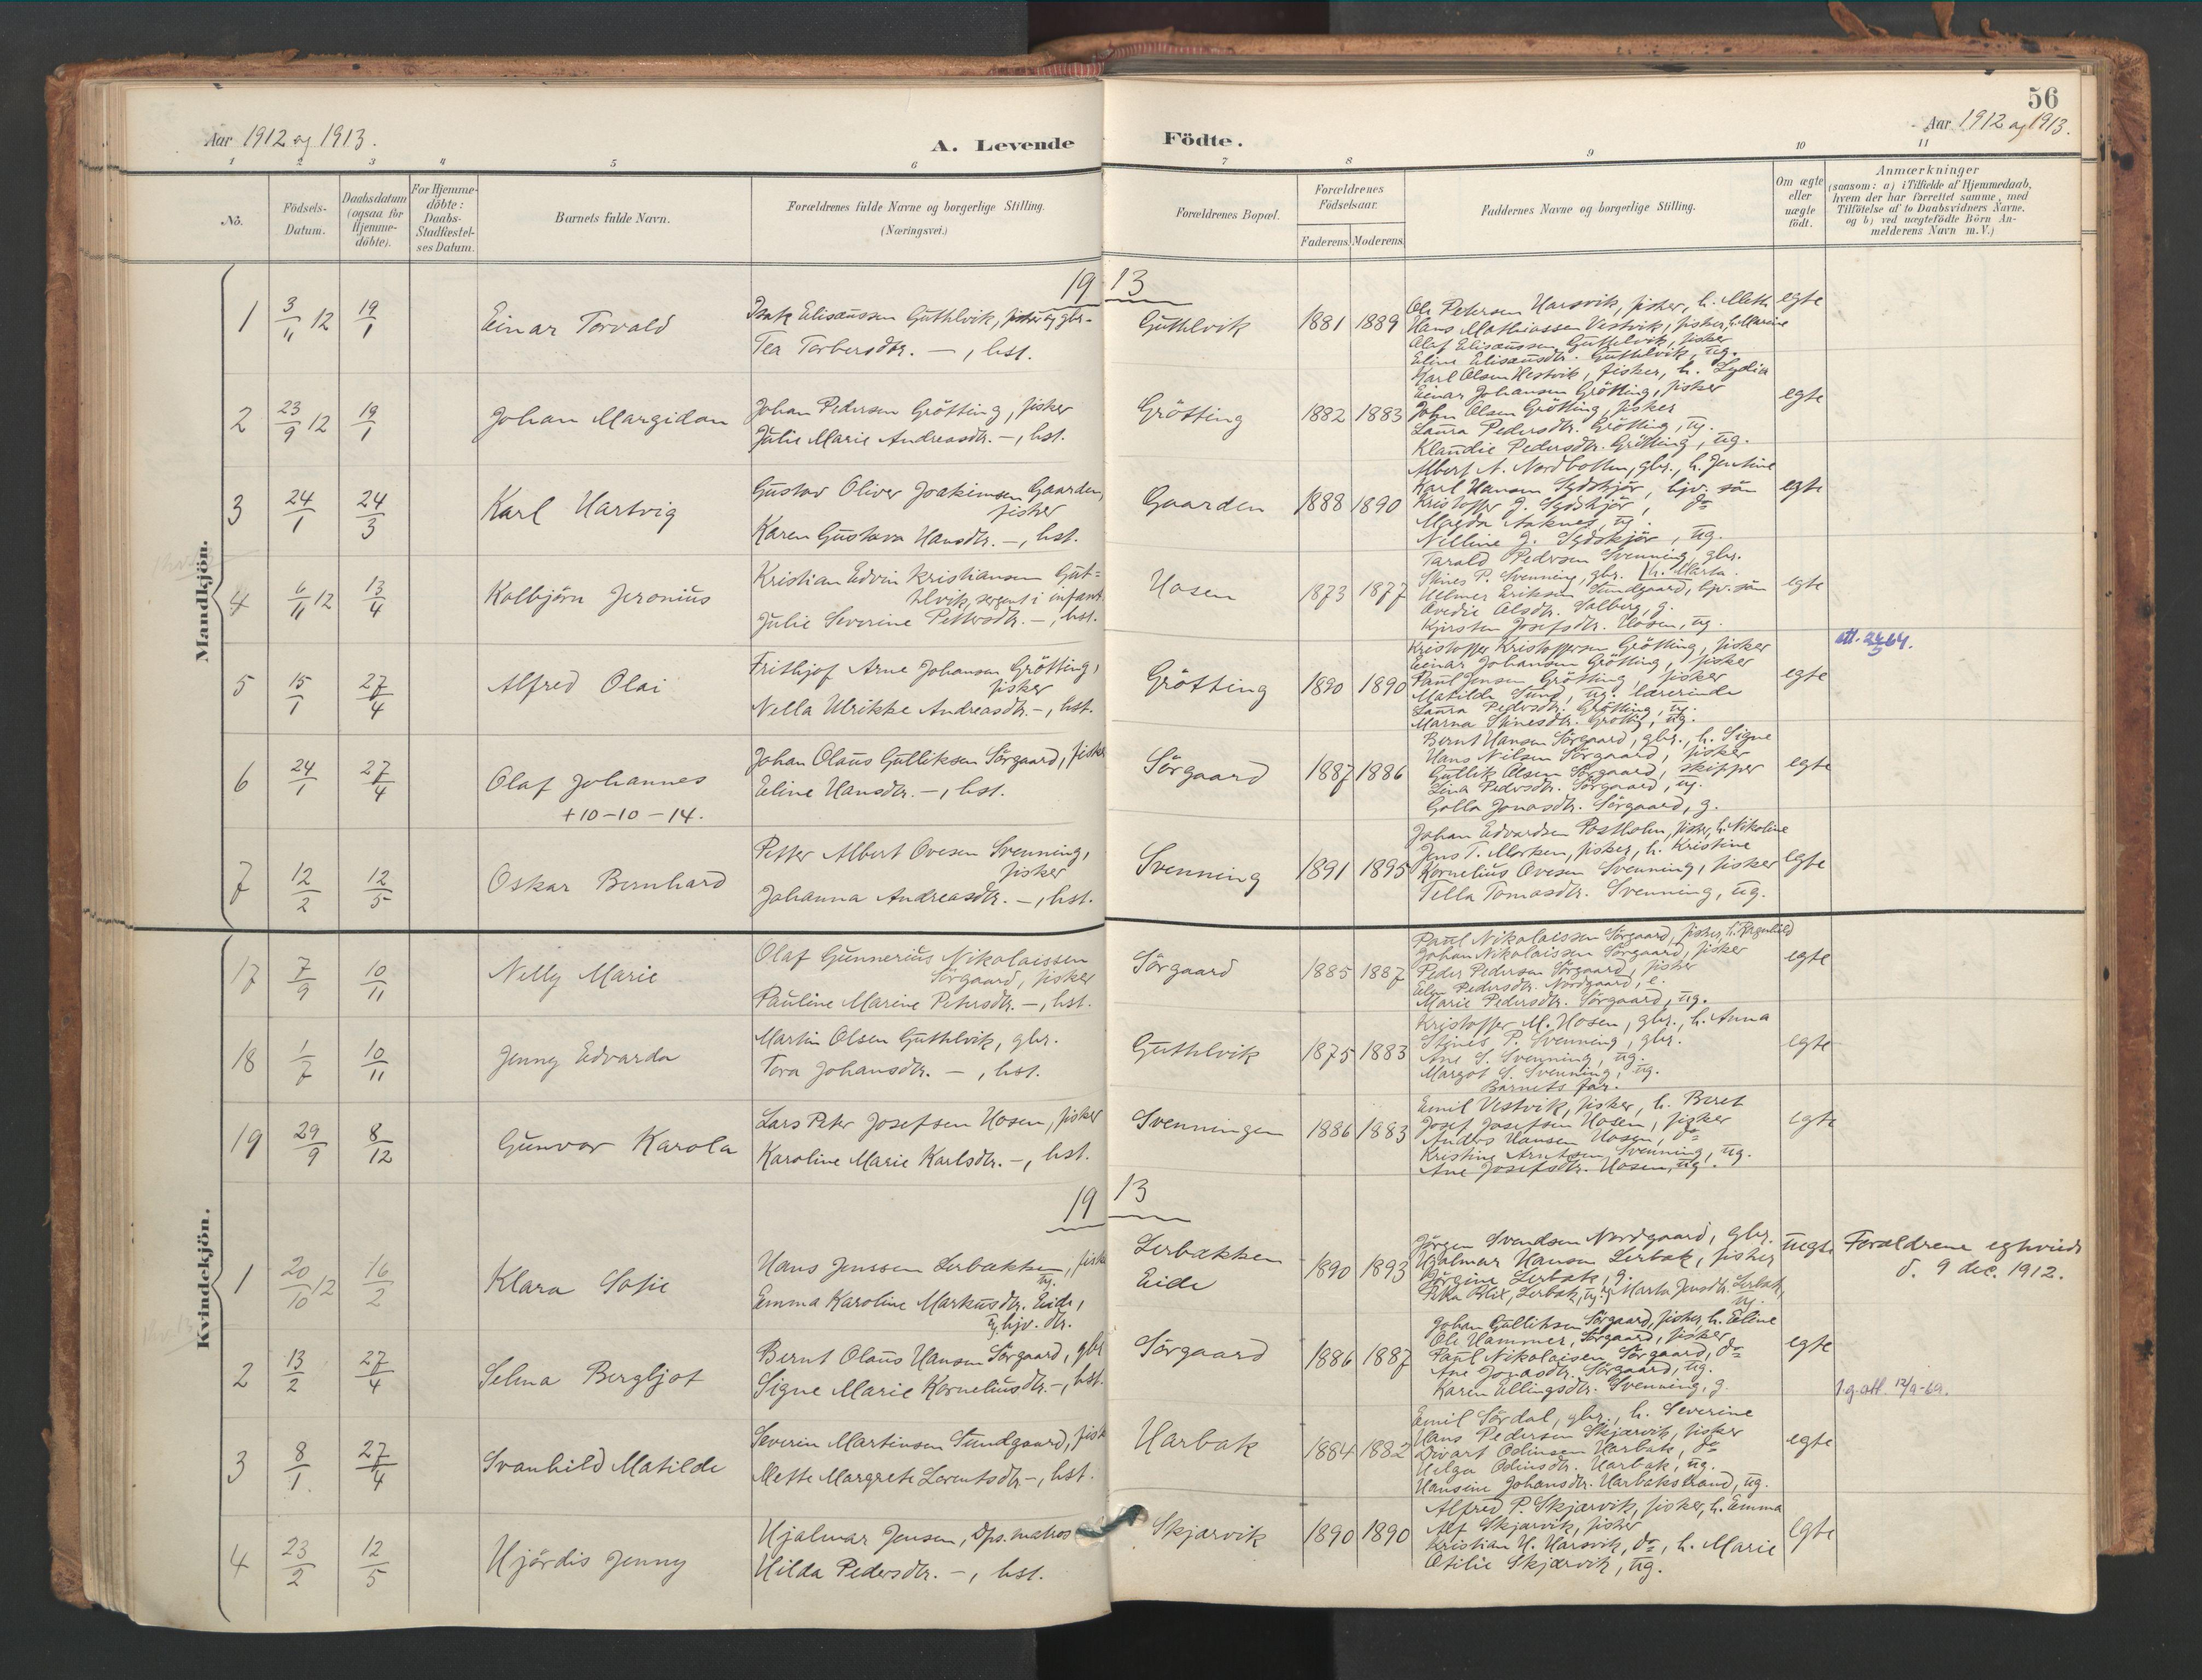 SAT, Ministerialprotokoller, klokkerbøker og fødselsregistre - Sør-Trøndelag, 656/L0693: Ministerialbok nr. 656A02, 1894-1913, s. 56